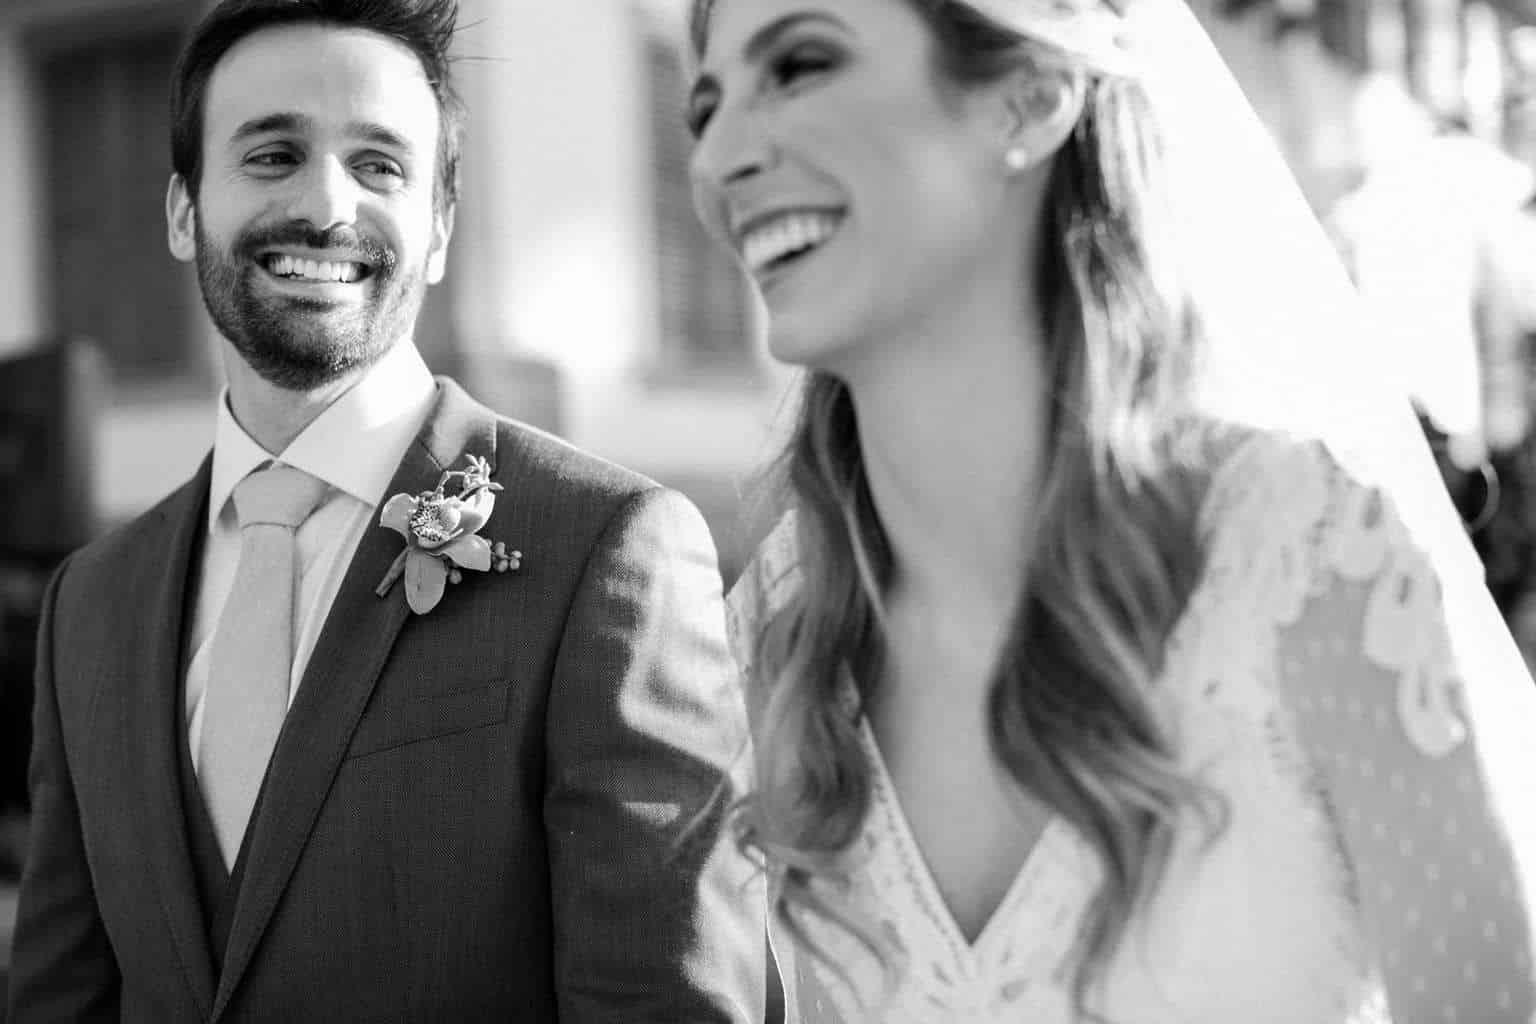 casamento-Camila-e-Diogo-casamento-na-fazenda-casamento-na-serra-casamento-romântico-cerimônia-destination-wedding-Fazenda-Santo-Antonio-Fotografia-Rodrigo-Sack-56